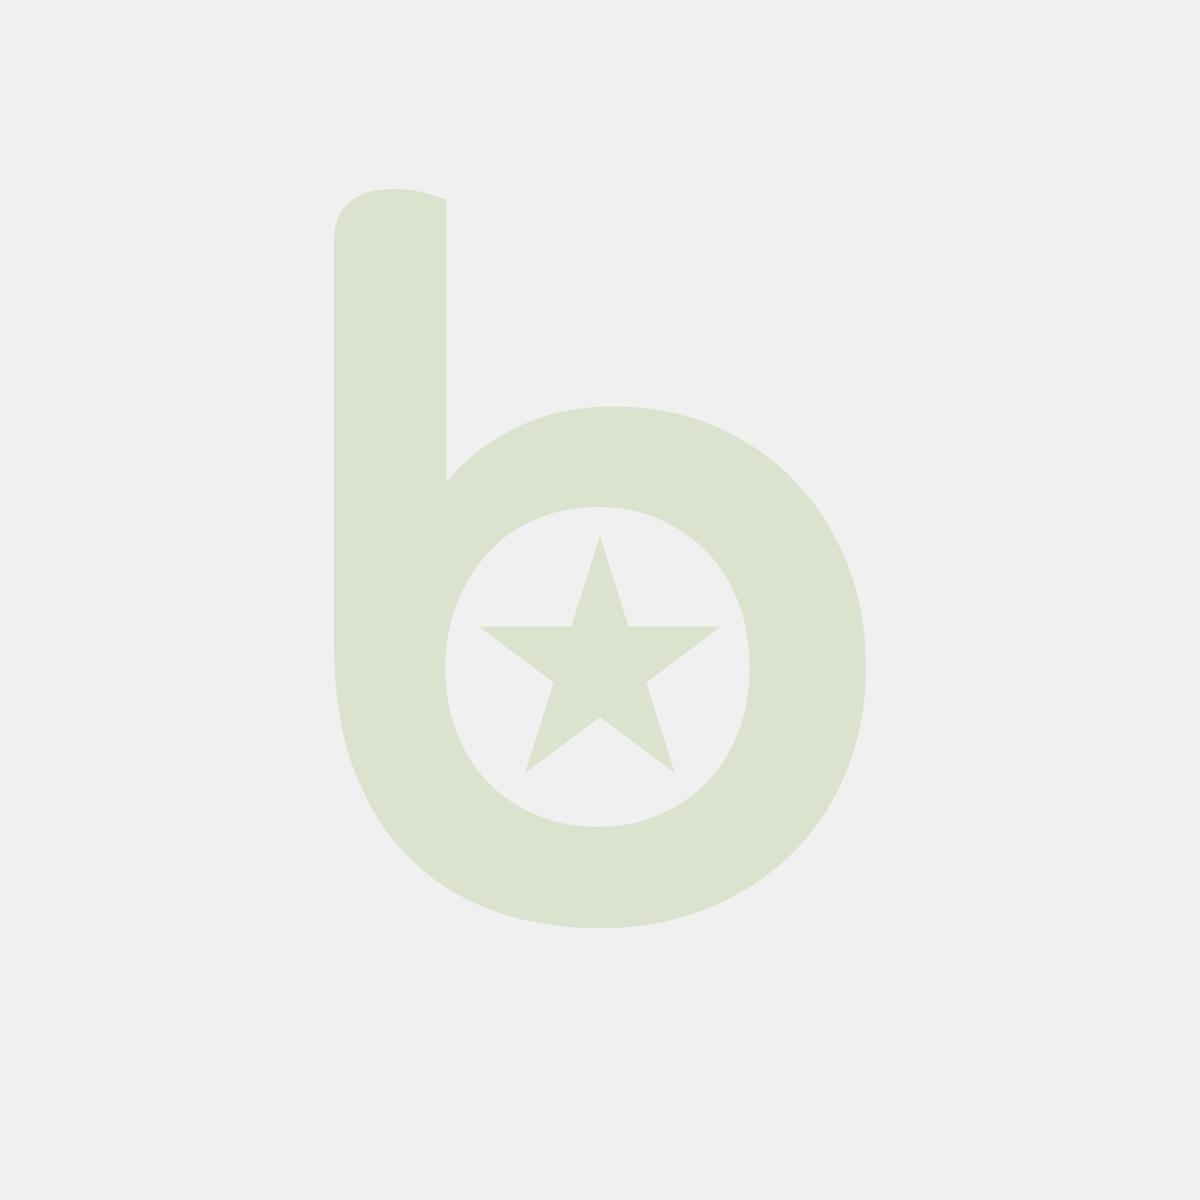 Garnek Średni - Z Pokrywką Budget Line 14 L; Śr. 300 X 200 H